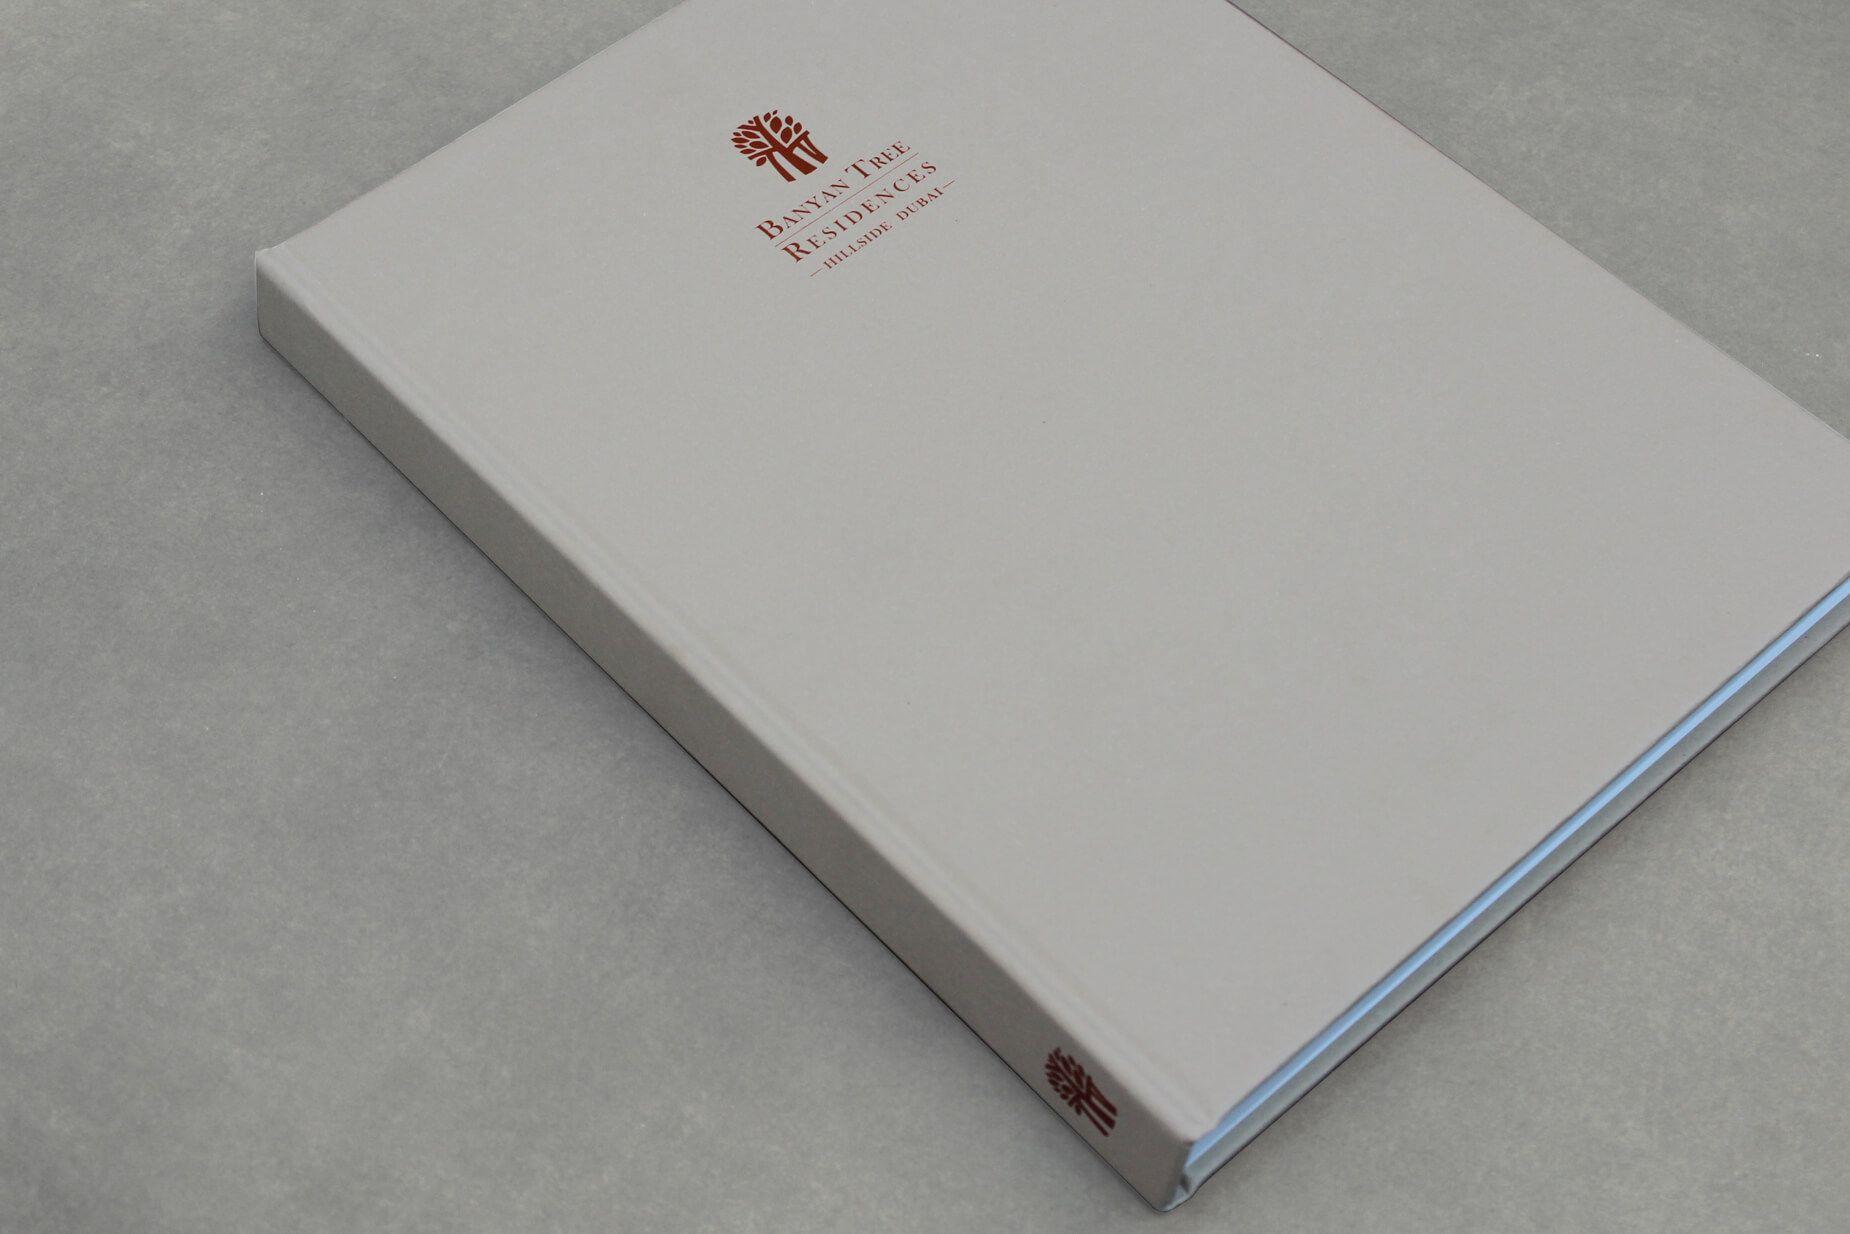 banyan-book-cover.jpg